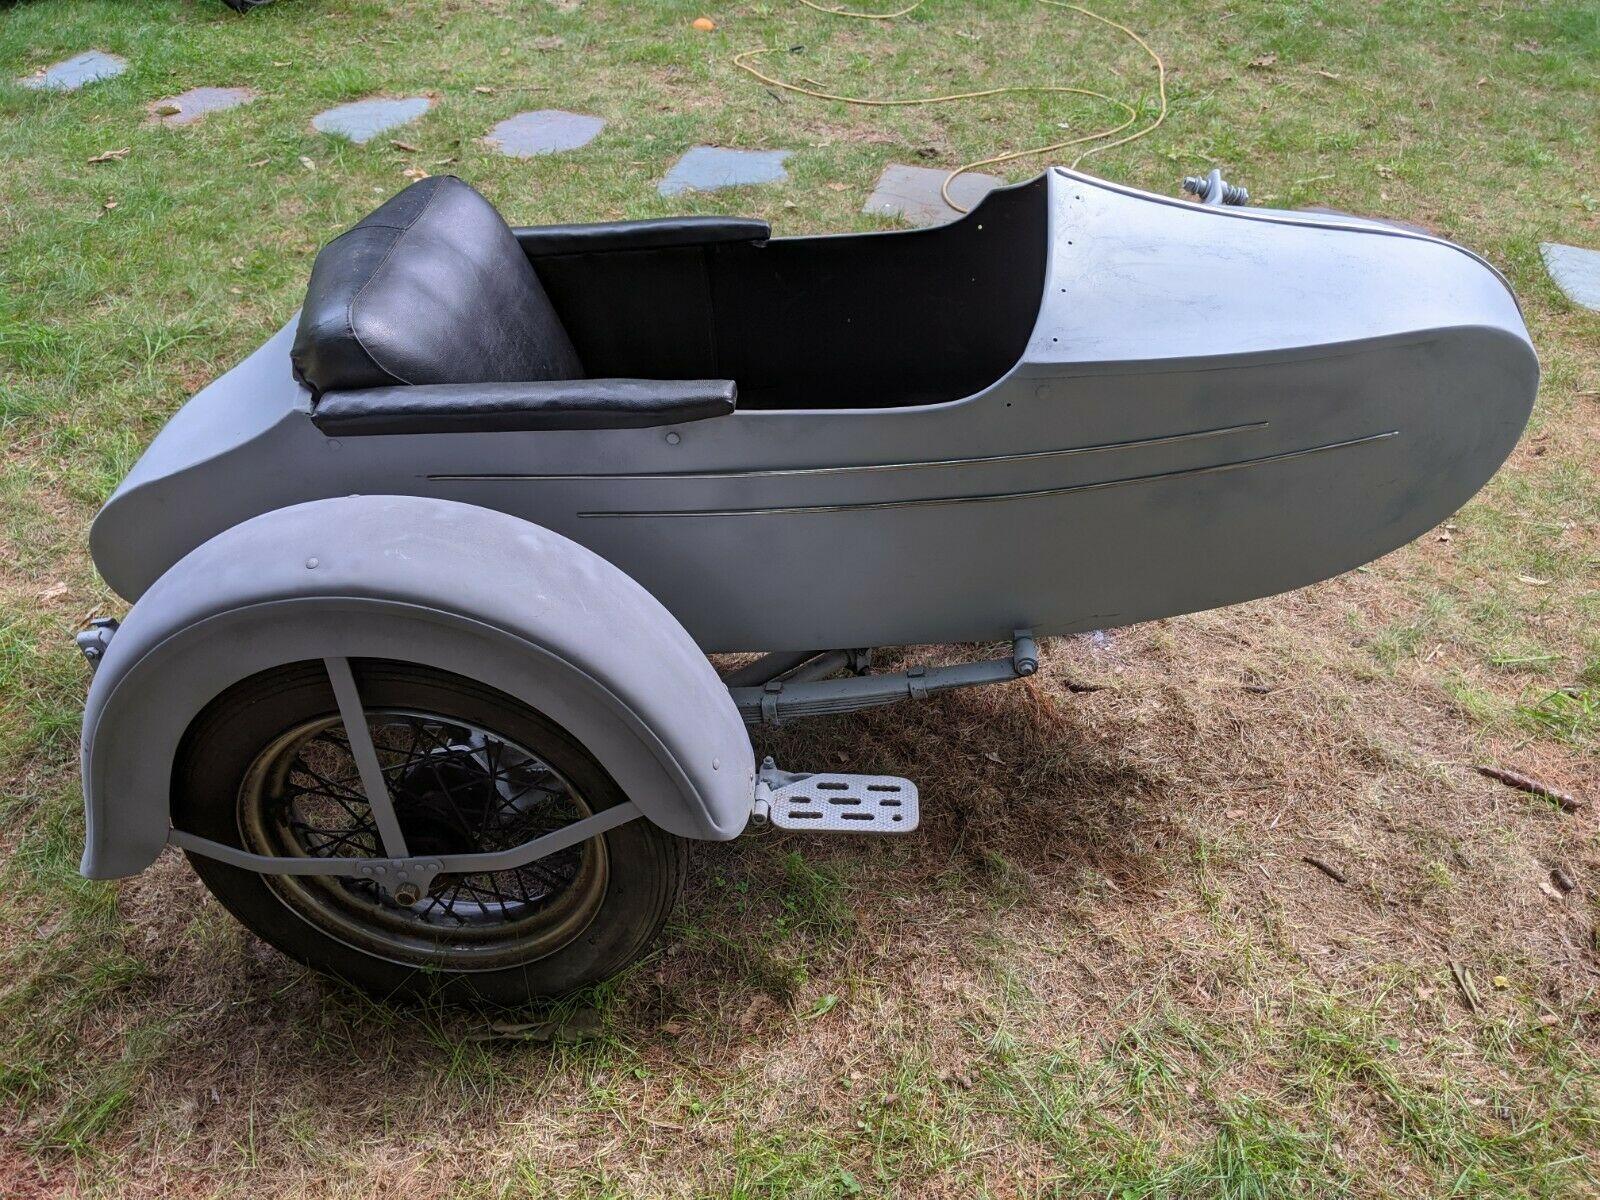 Photo 1950 Harley Davidson sidecar